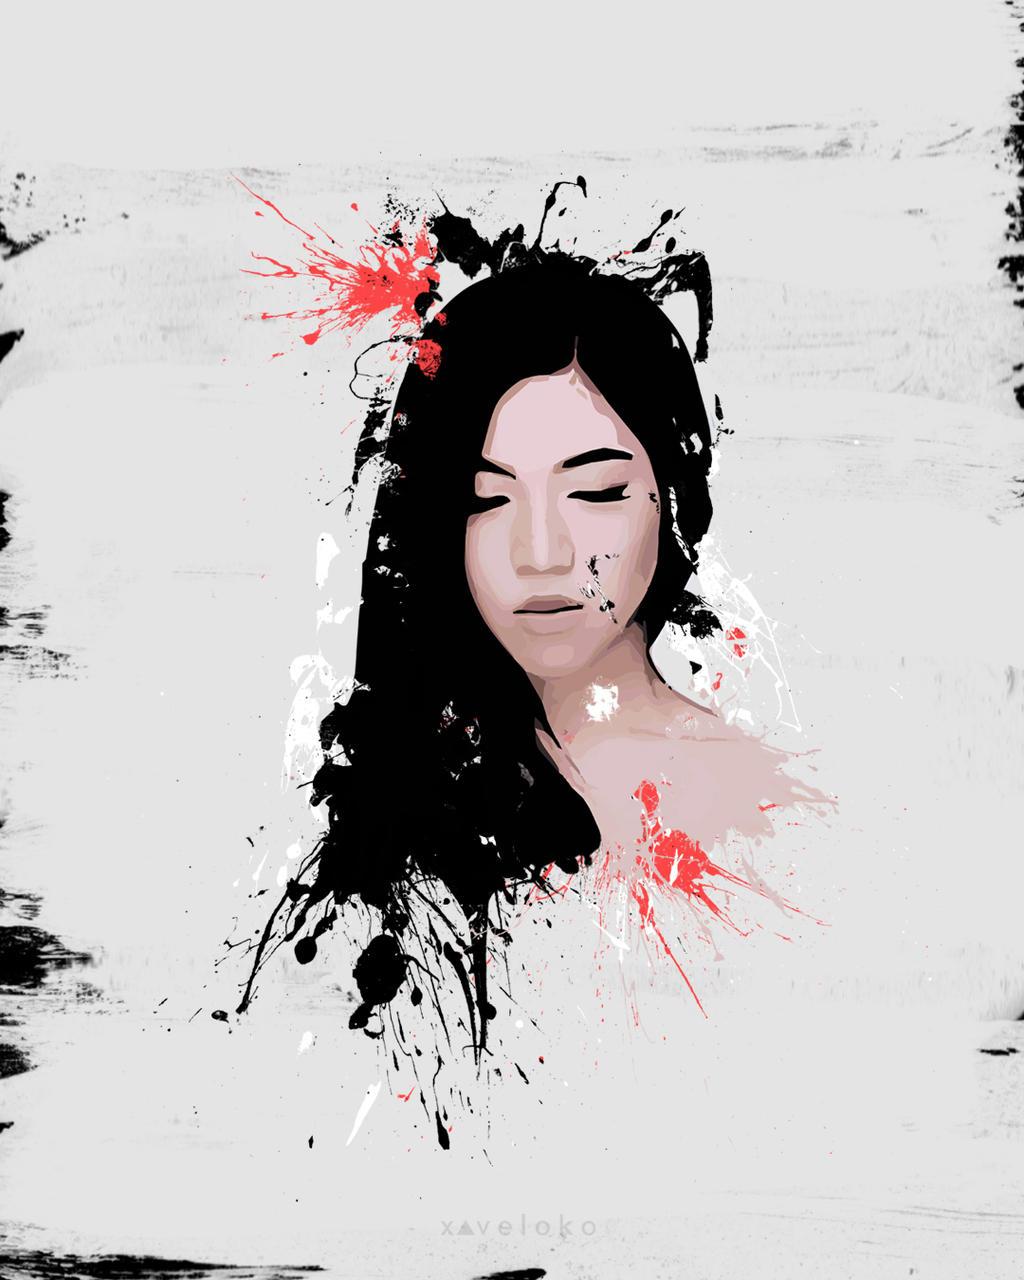 Monica Indah  by xavierlokollo